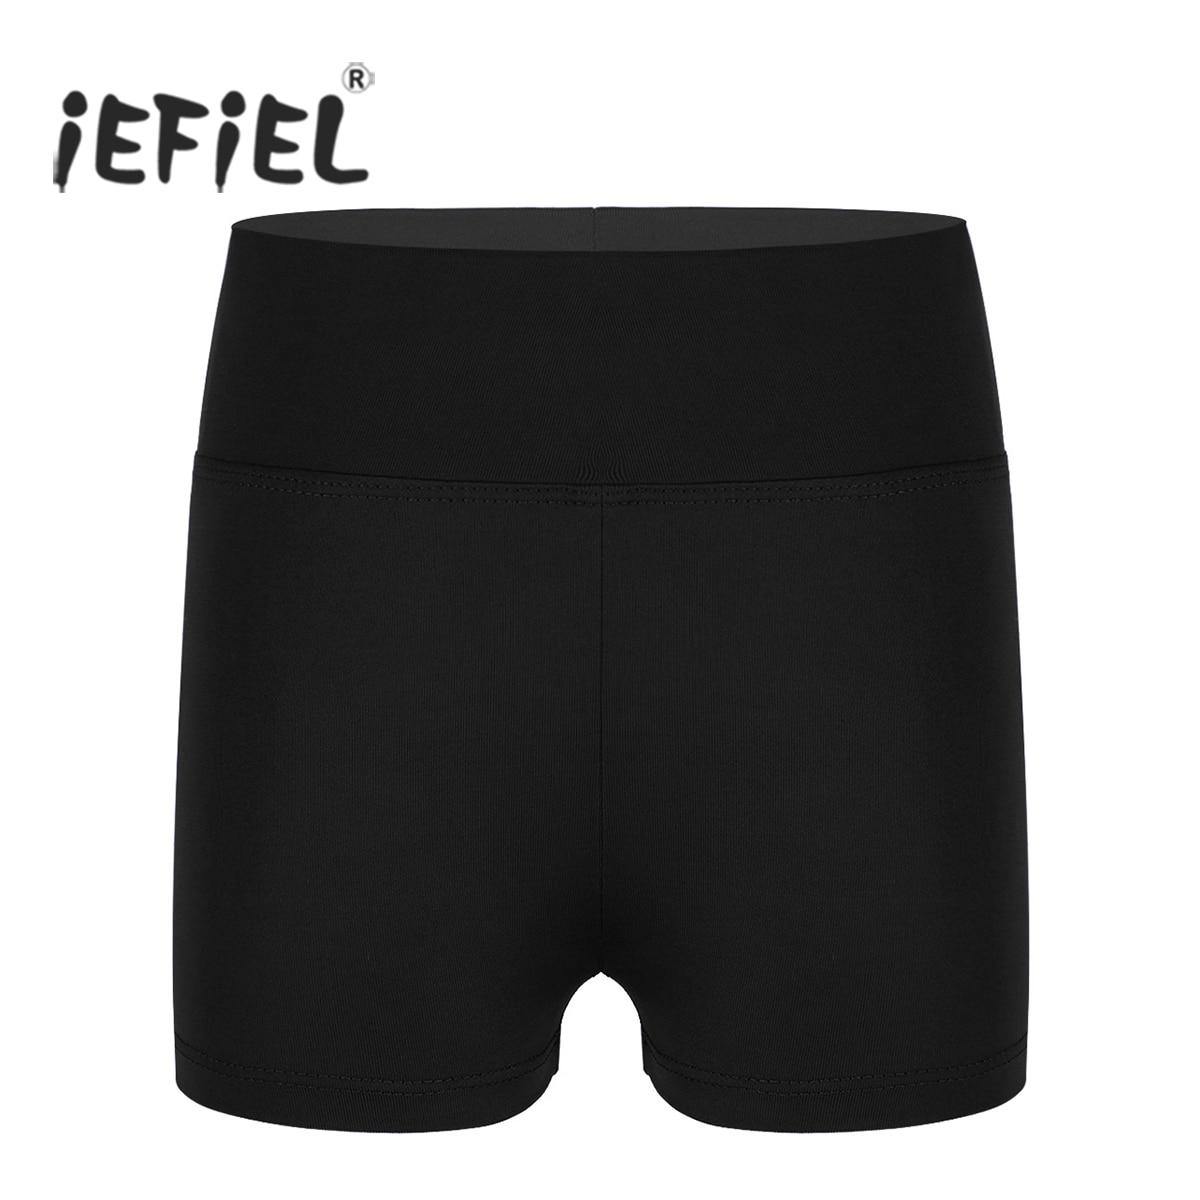 girls-boy-cut-font-b-ballet-b-font-dance-shorts-high-waist-activewear-dance-shorts-bottoms-for-yoga-sports-workout-gymnastics-costumes